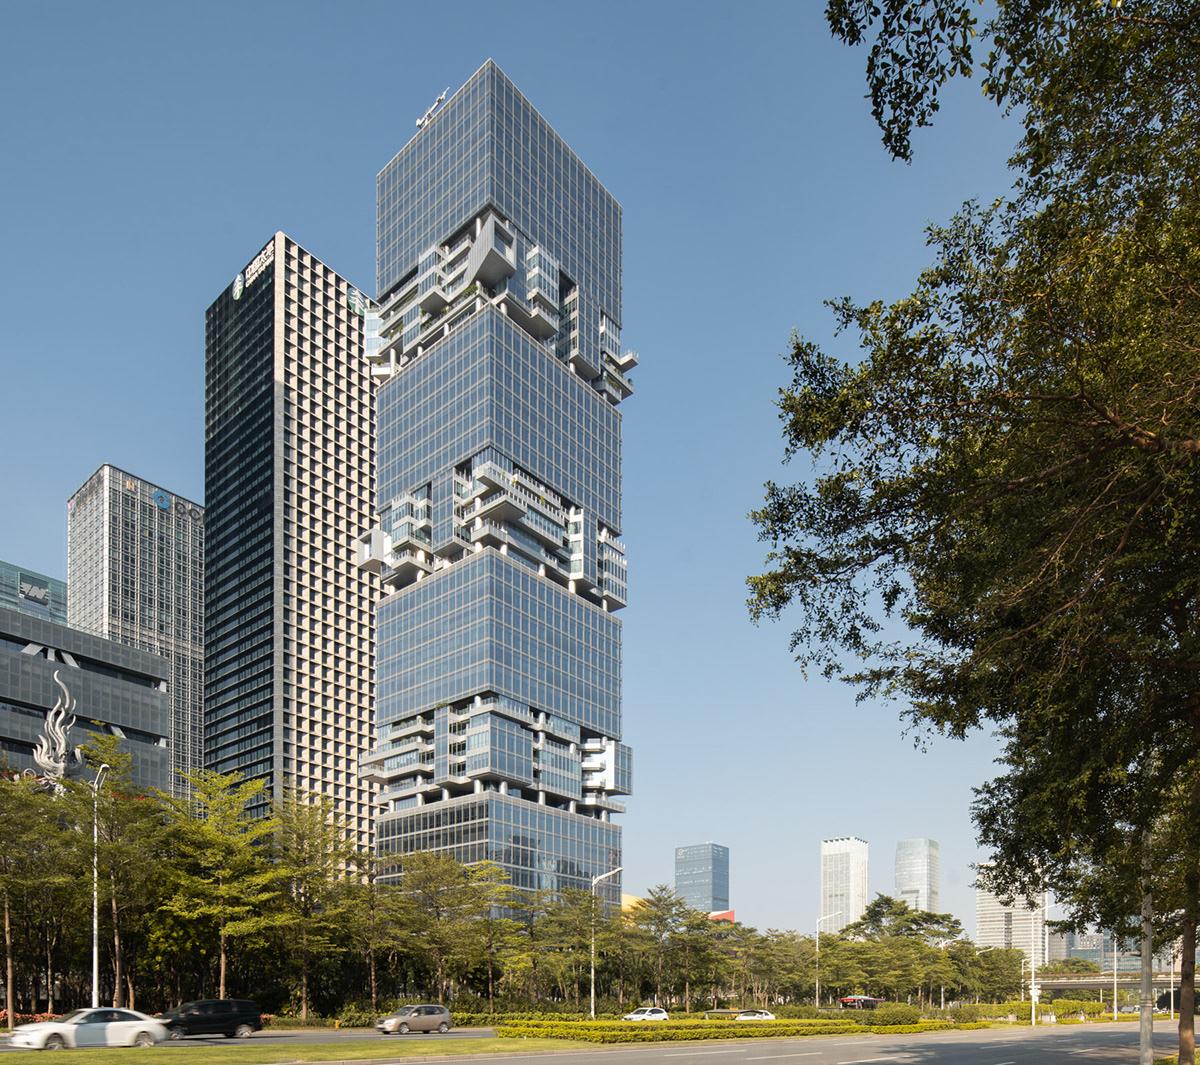 architecture china Christoph monschein Hans Hollein highrise sbf tower Shenzhen